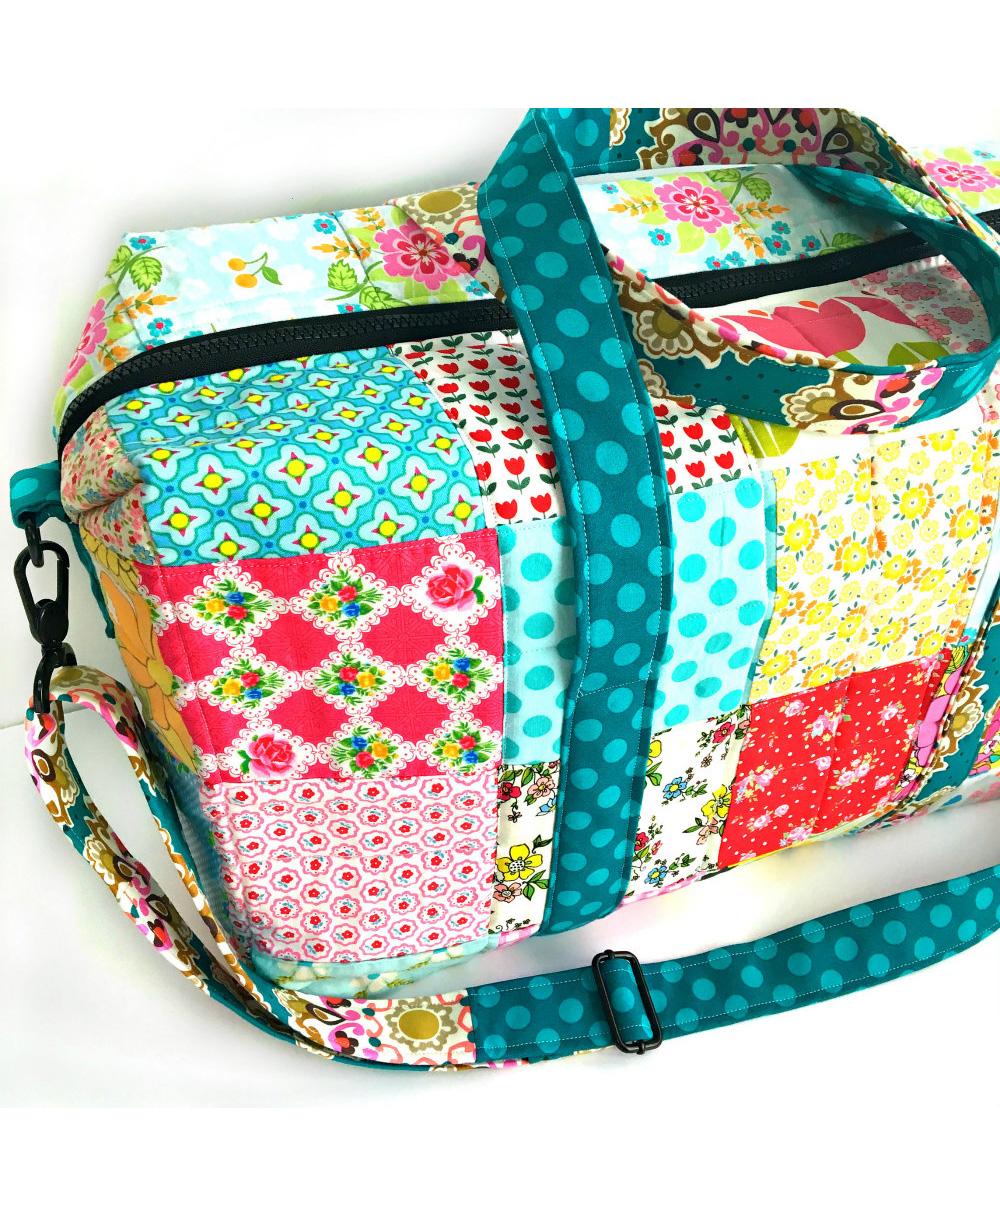 a3b902670 Emblem Duffle Bag - Sew Sweetness